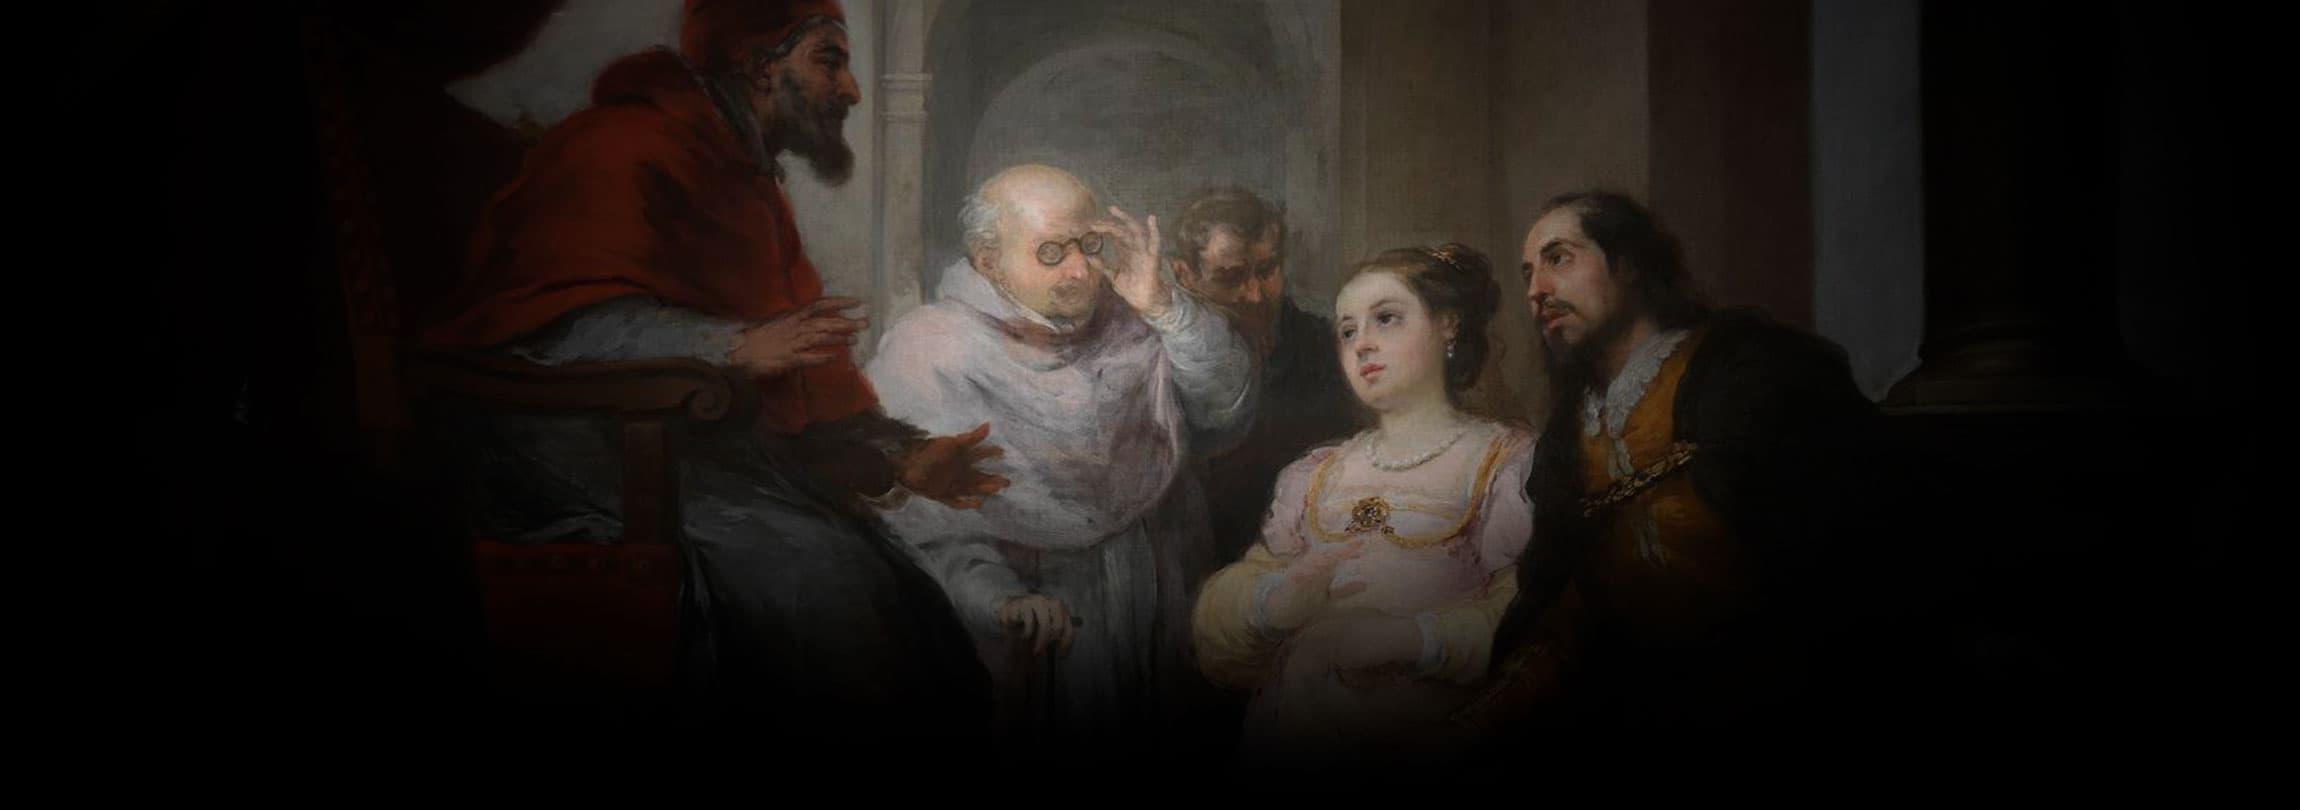 A lei suprema da Igreja é a salvação das almas